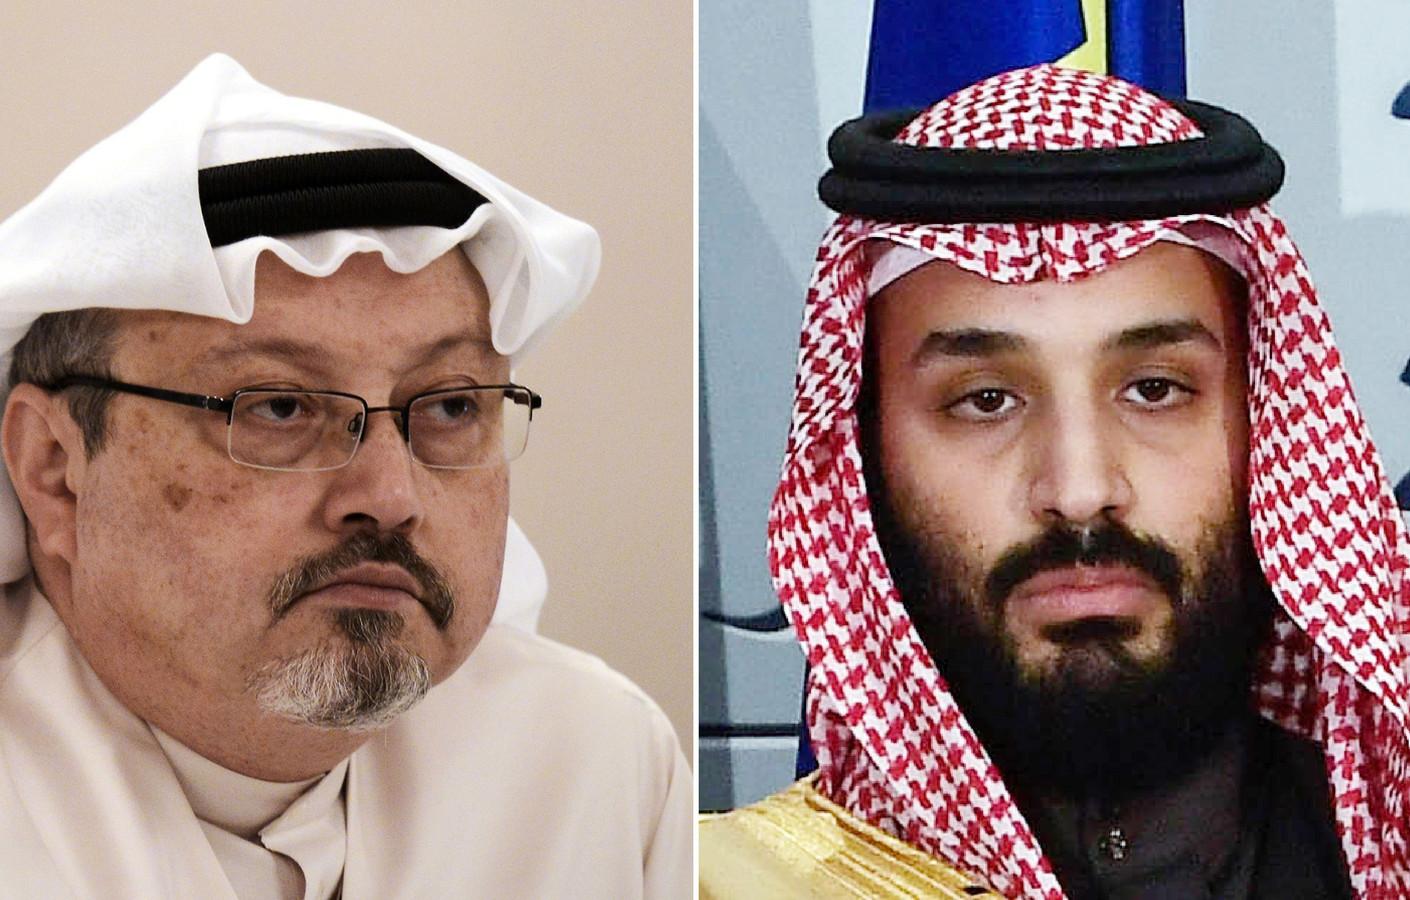 Un rapport explosif sur le meurtre de Khashoggi bientôt publié, Biden a parlé au roi d'Arabie saoudite Images50